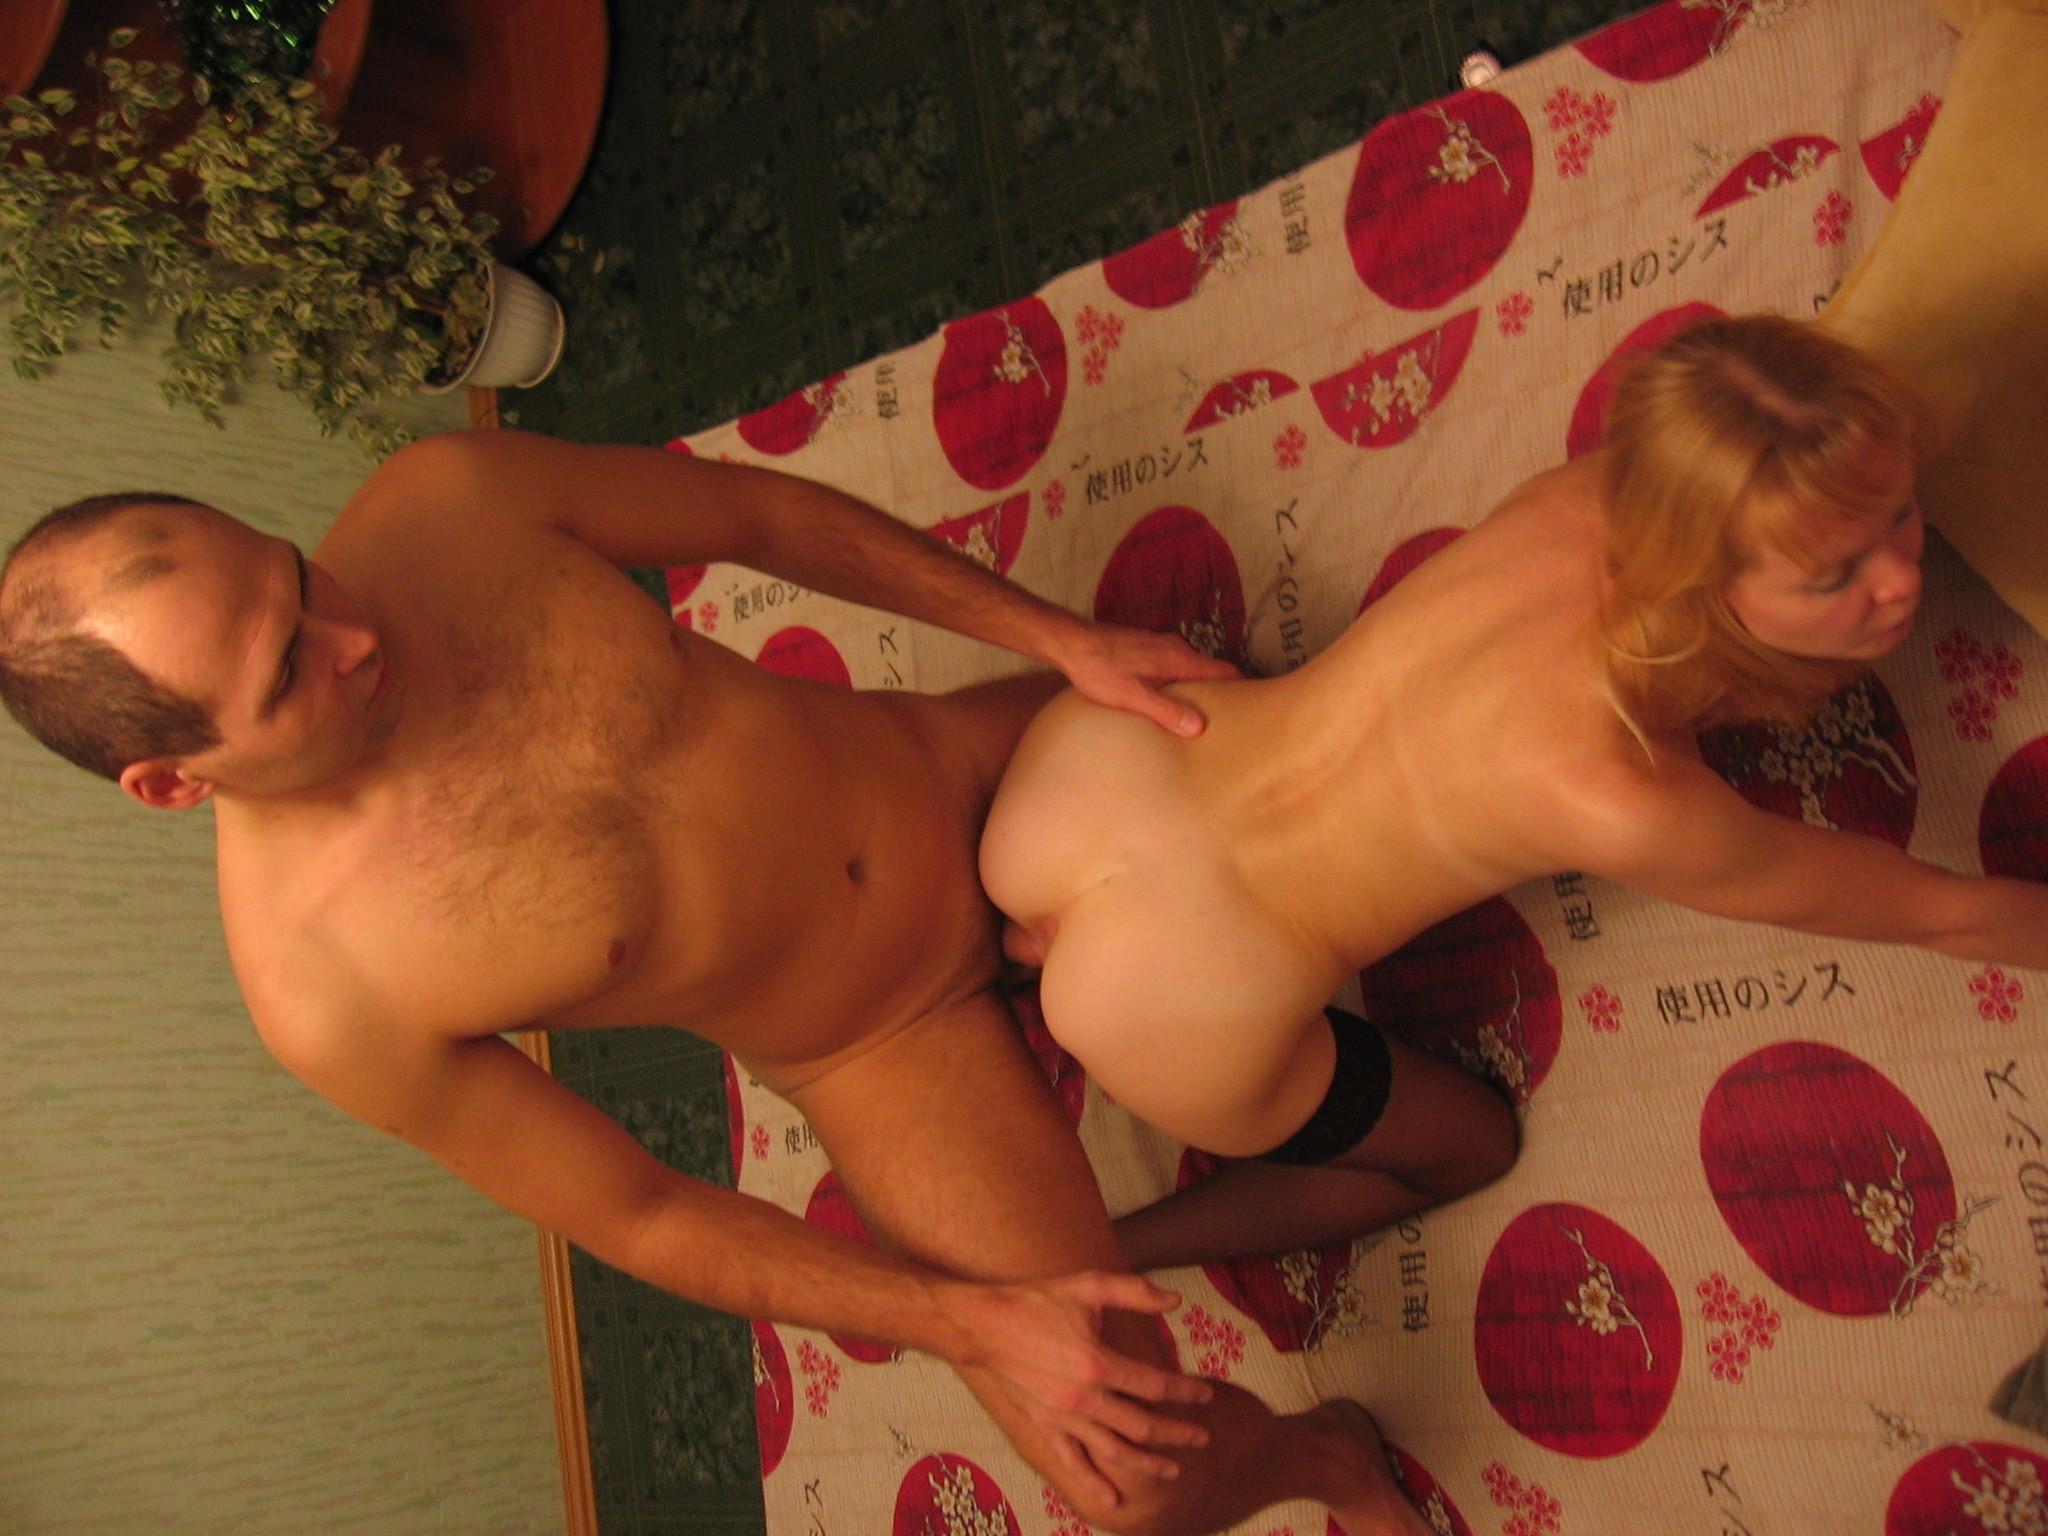 его выделяет развратная жена просит мужа трахнуть ее в прихожей вещи тикать